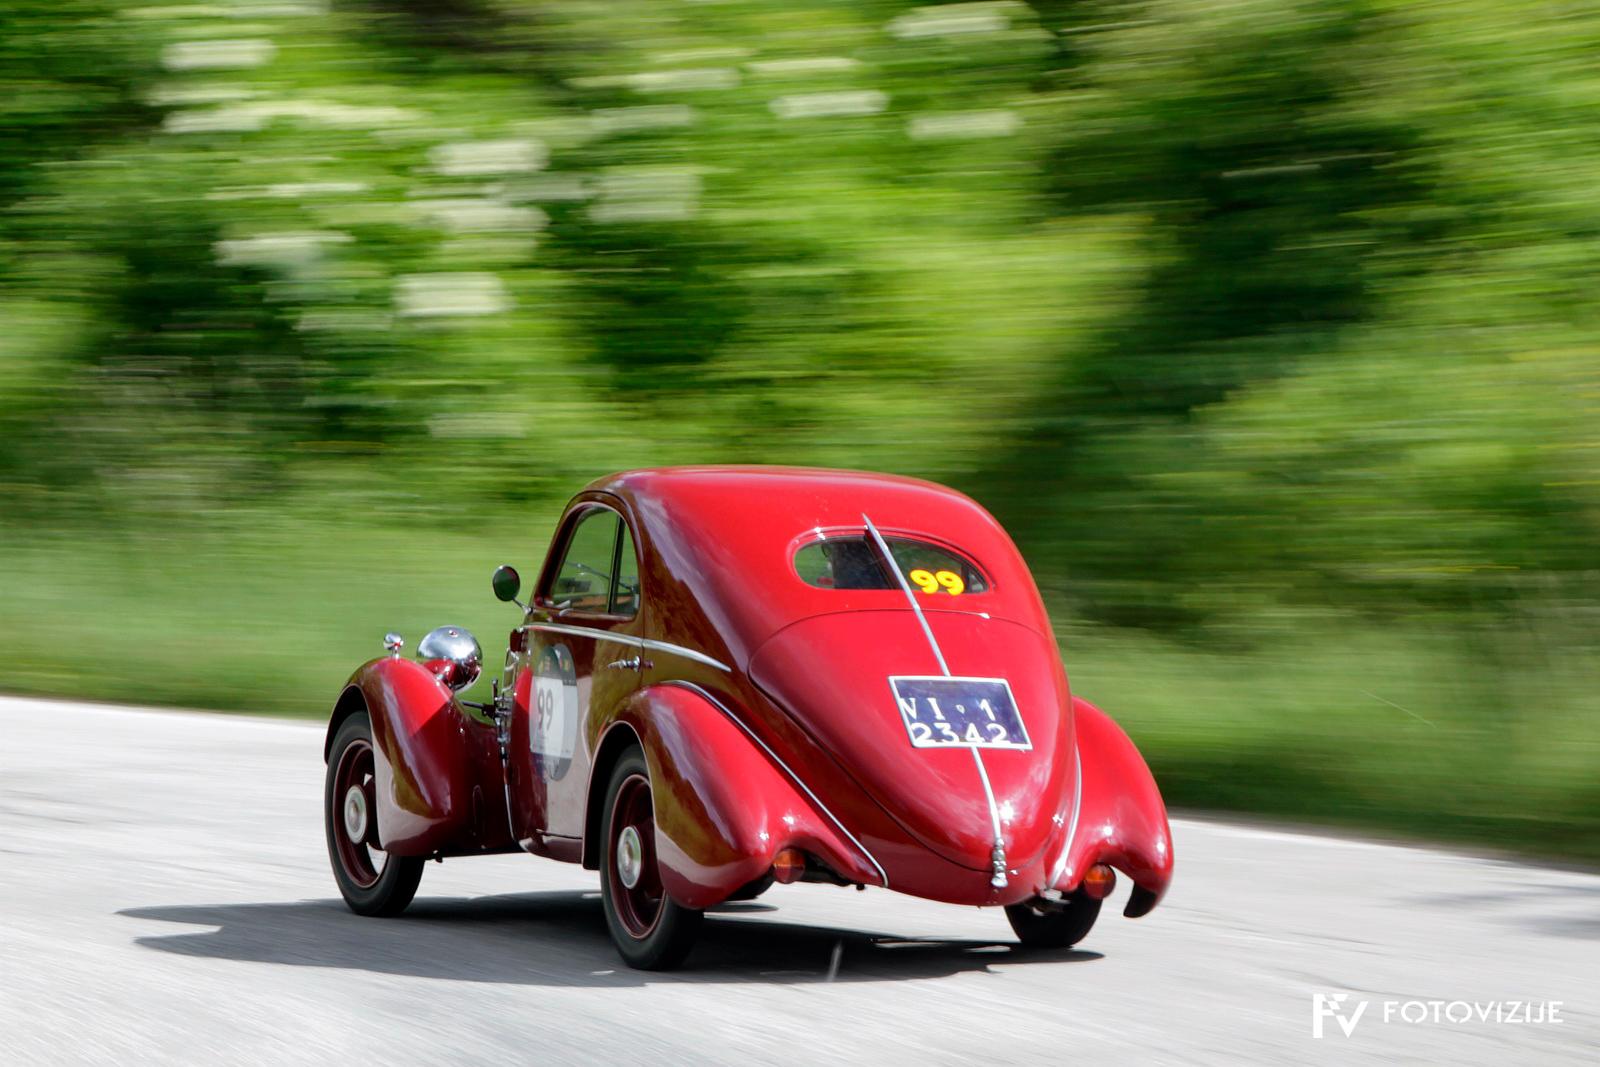 Mille Miglia 2018: Fiat 508 CS MM Berlinetta je vsekakor prikaz razmišljanja o aerodinamiki leta 1935